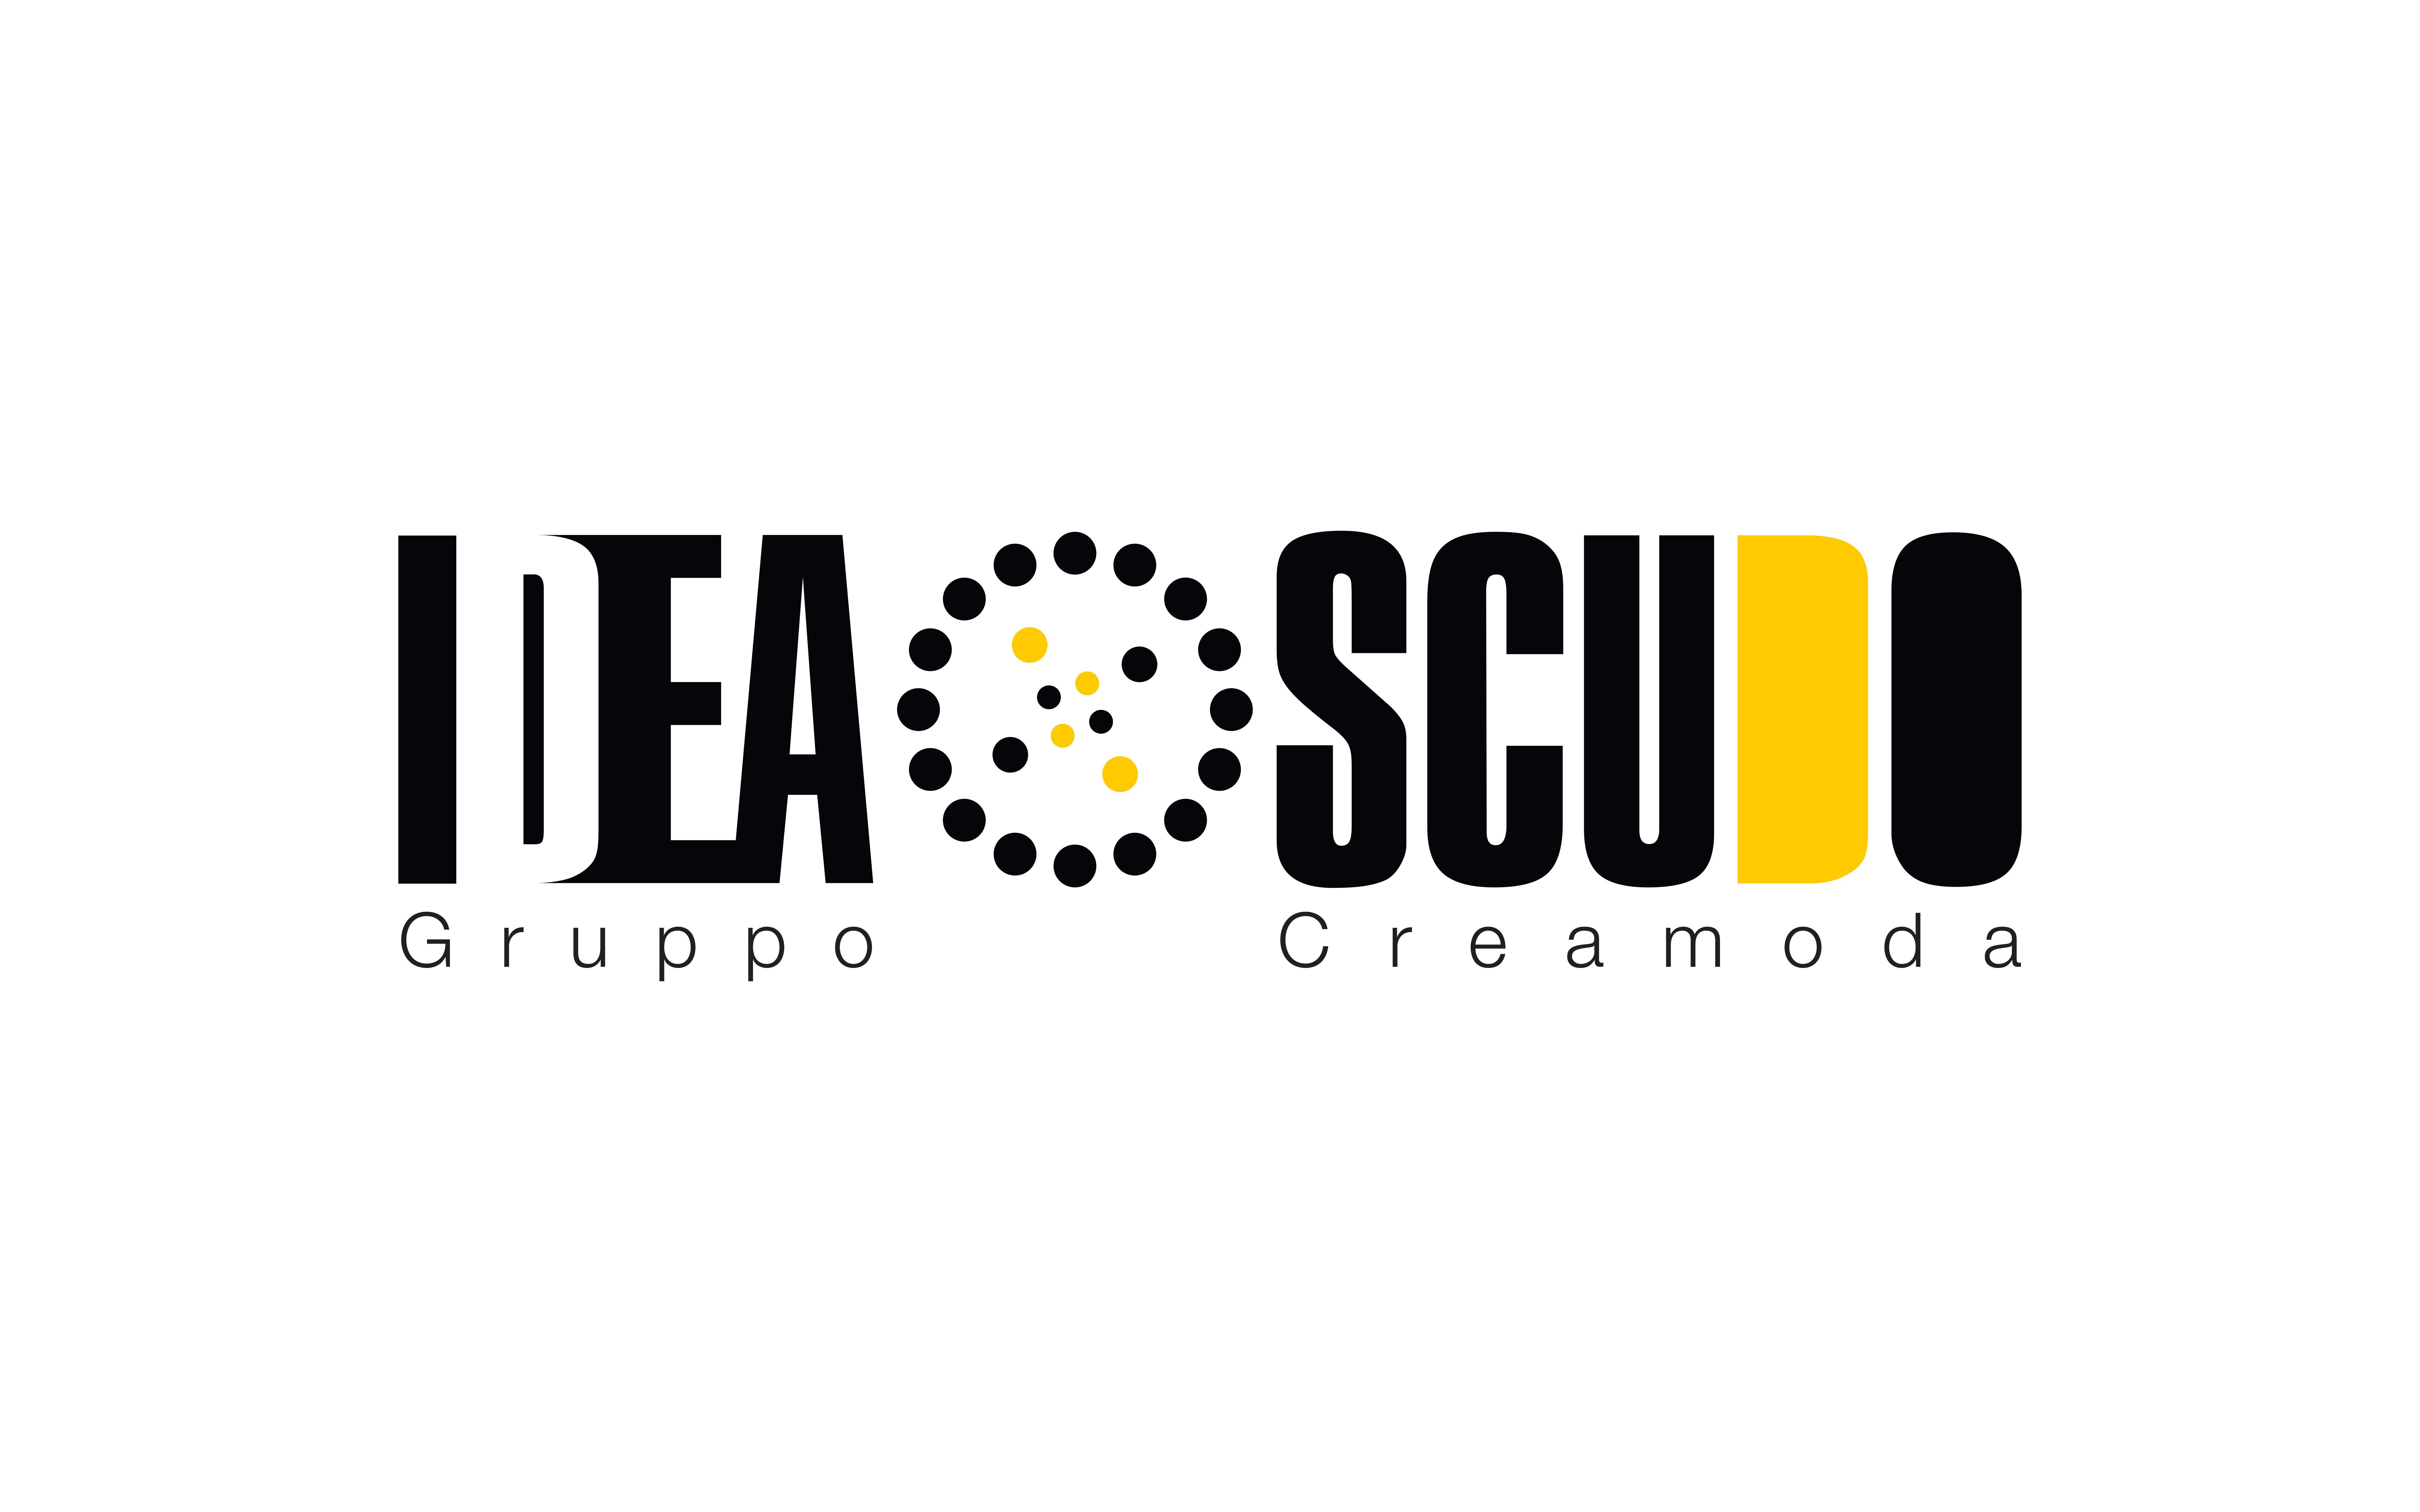 Gruppo creamoda ideascudo